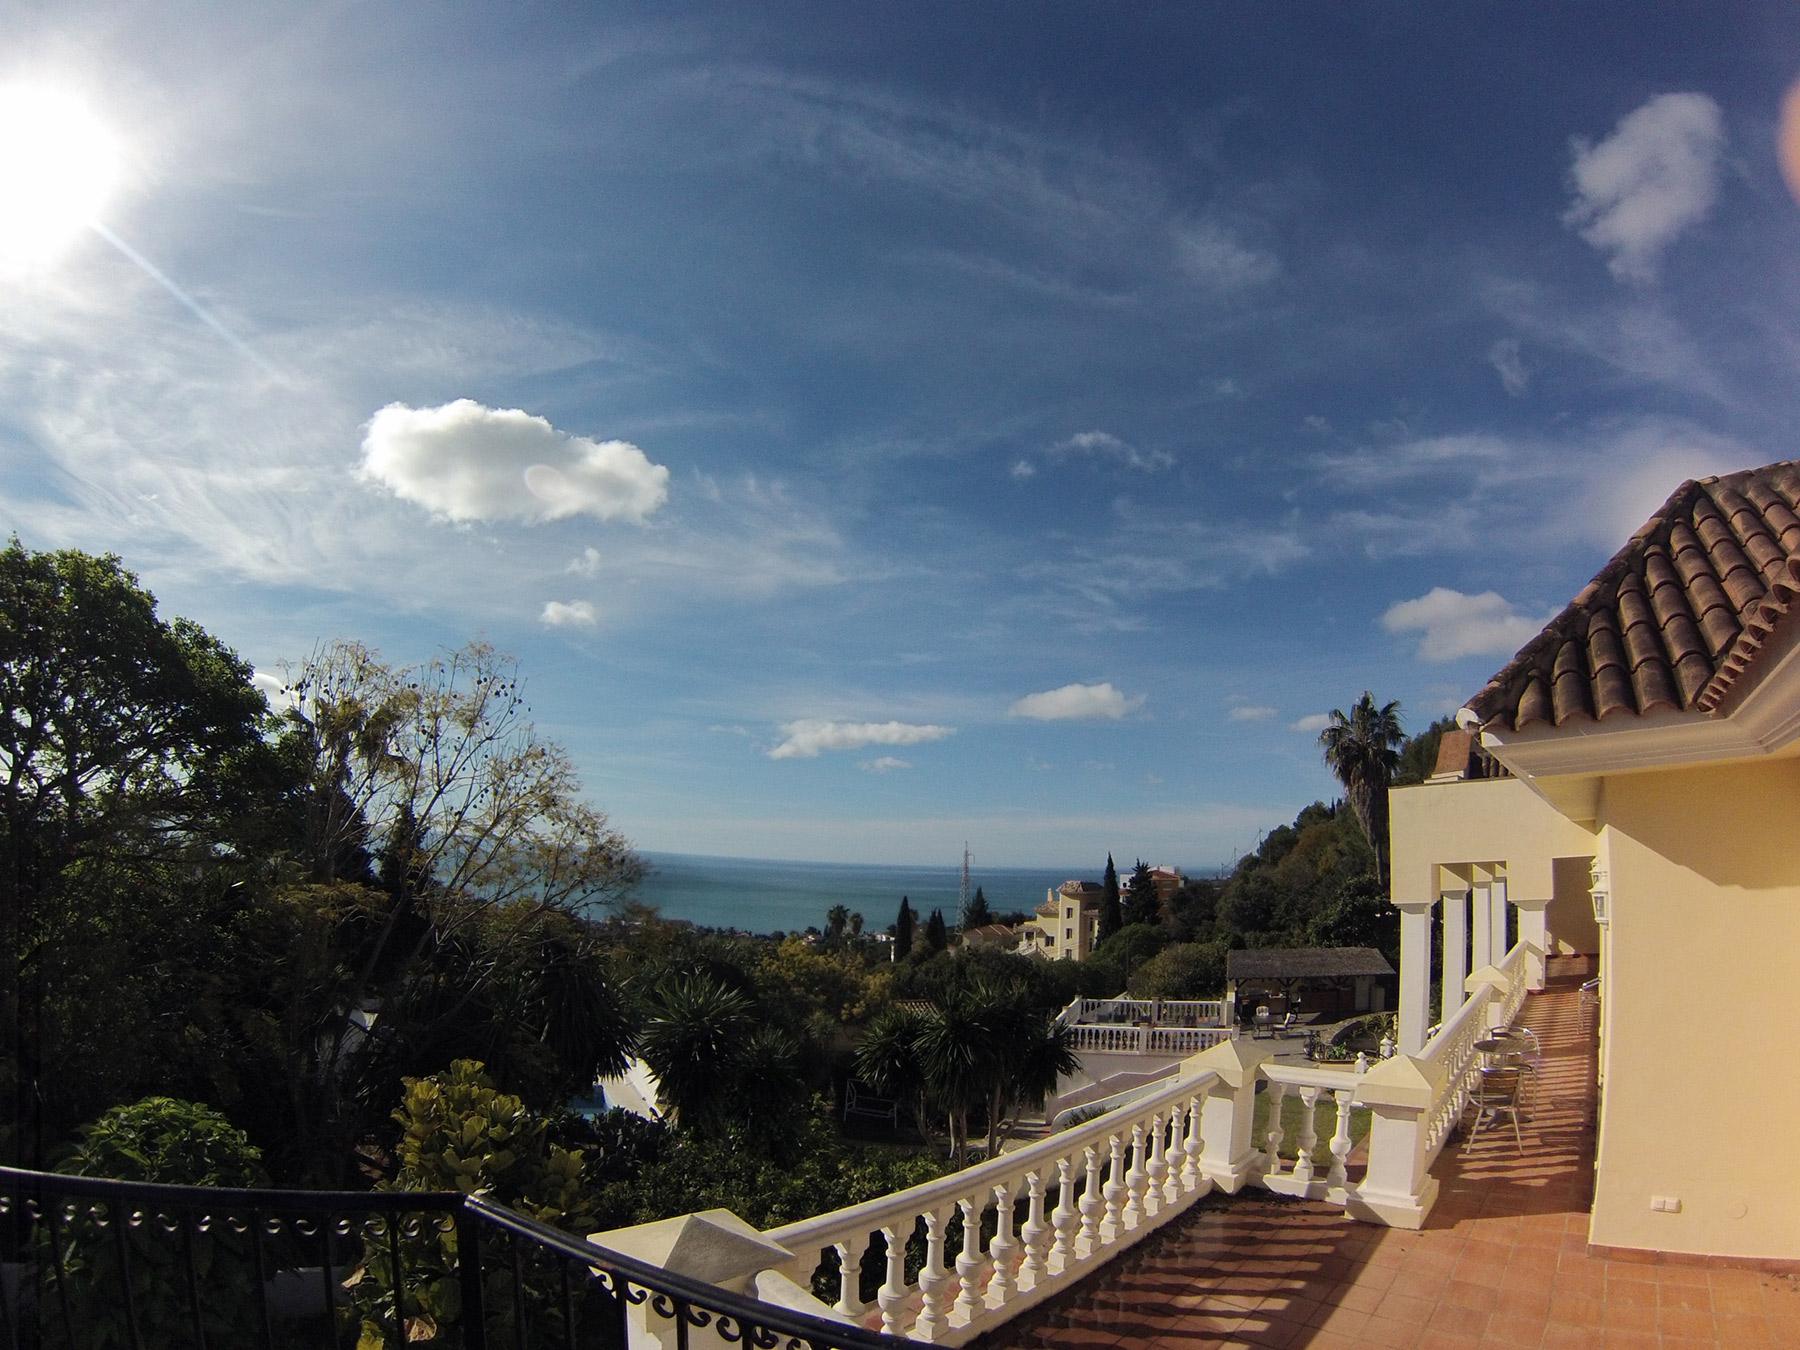 Dritter Tag - Sonne pur und blauer Himmel! Der Ausblick von unserer Terrasse!